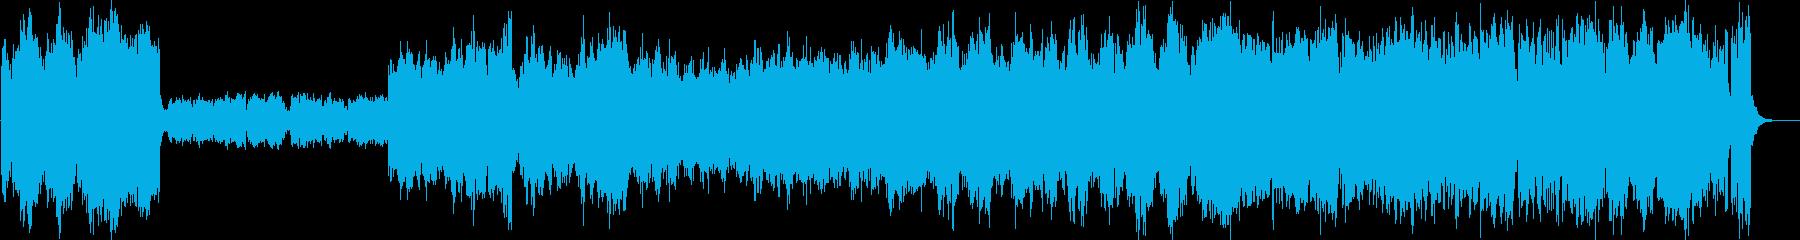 WINDMUSIC鳴り響く吹奏楽の世界の再生済みの波形